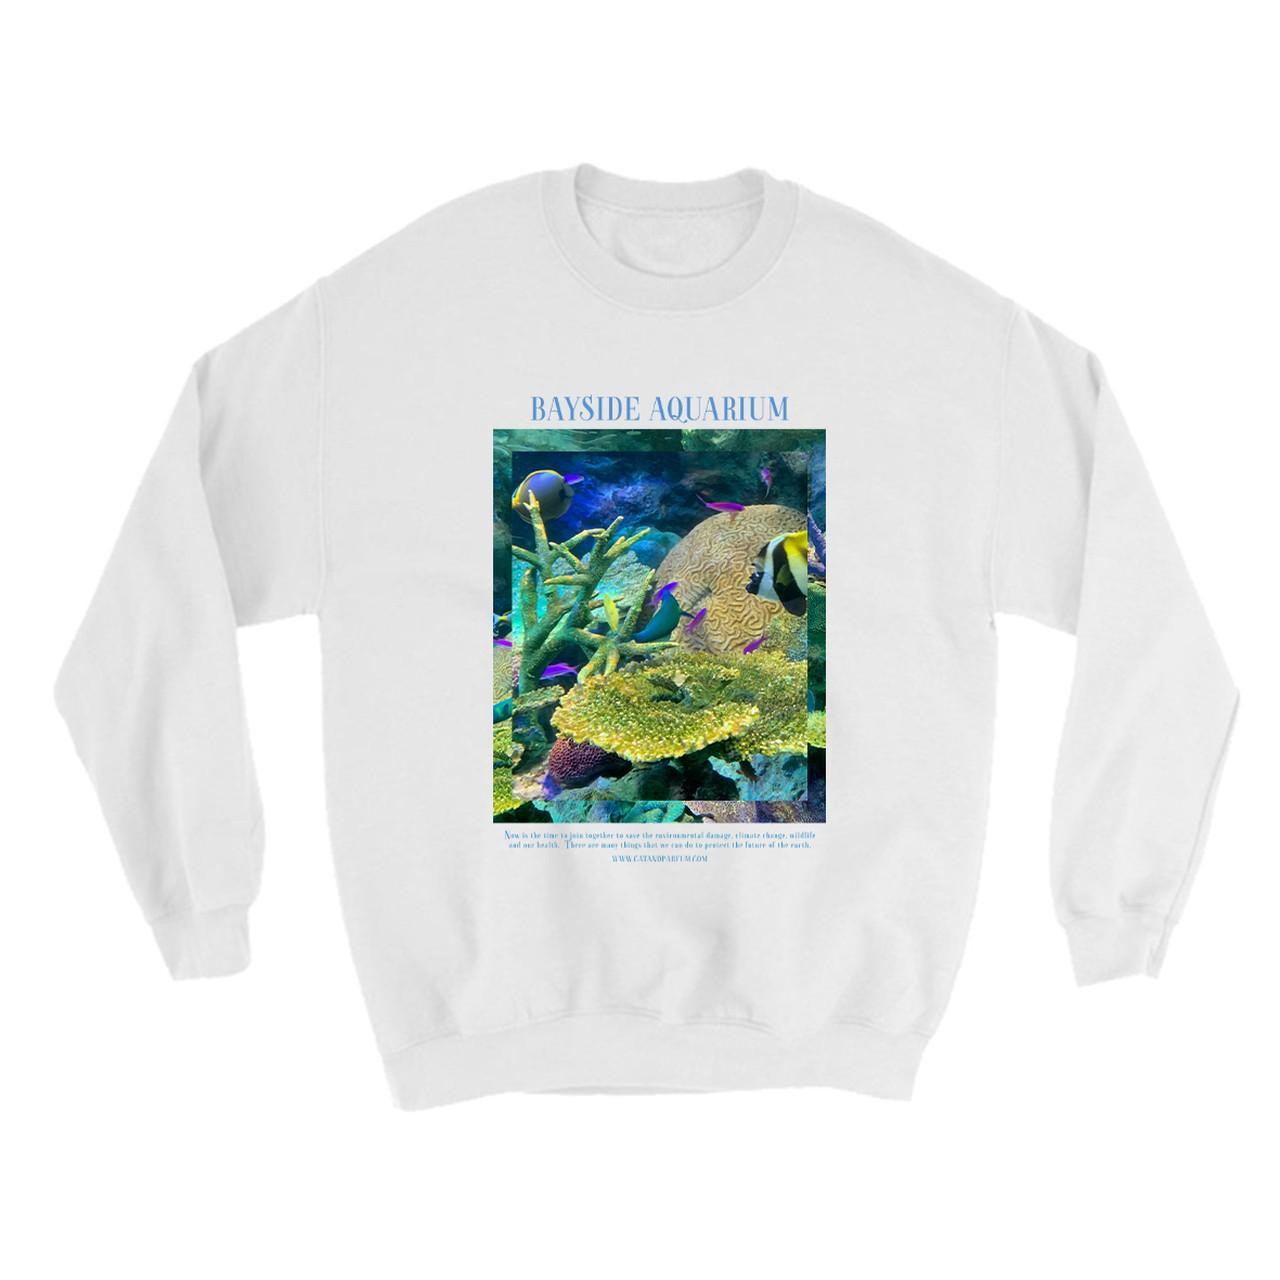 【Cat & Parfum】Bayside Aquarium Souvenir Crew-Neck Sweat Tops